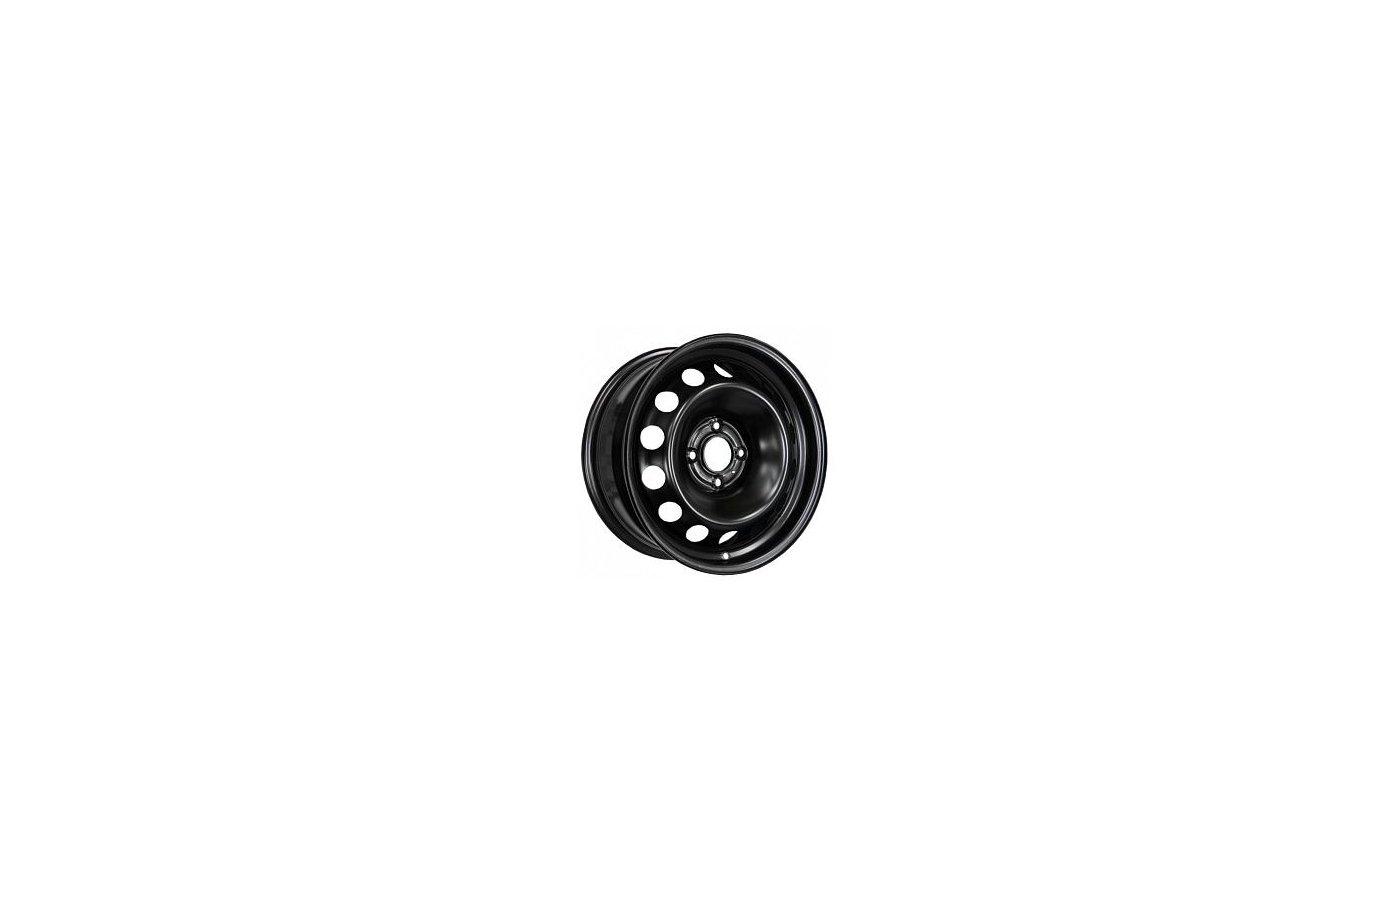 Диск Magnetto 15002 6x15/4x100 D60 ET40 Black